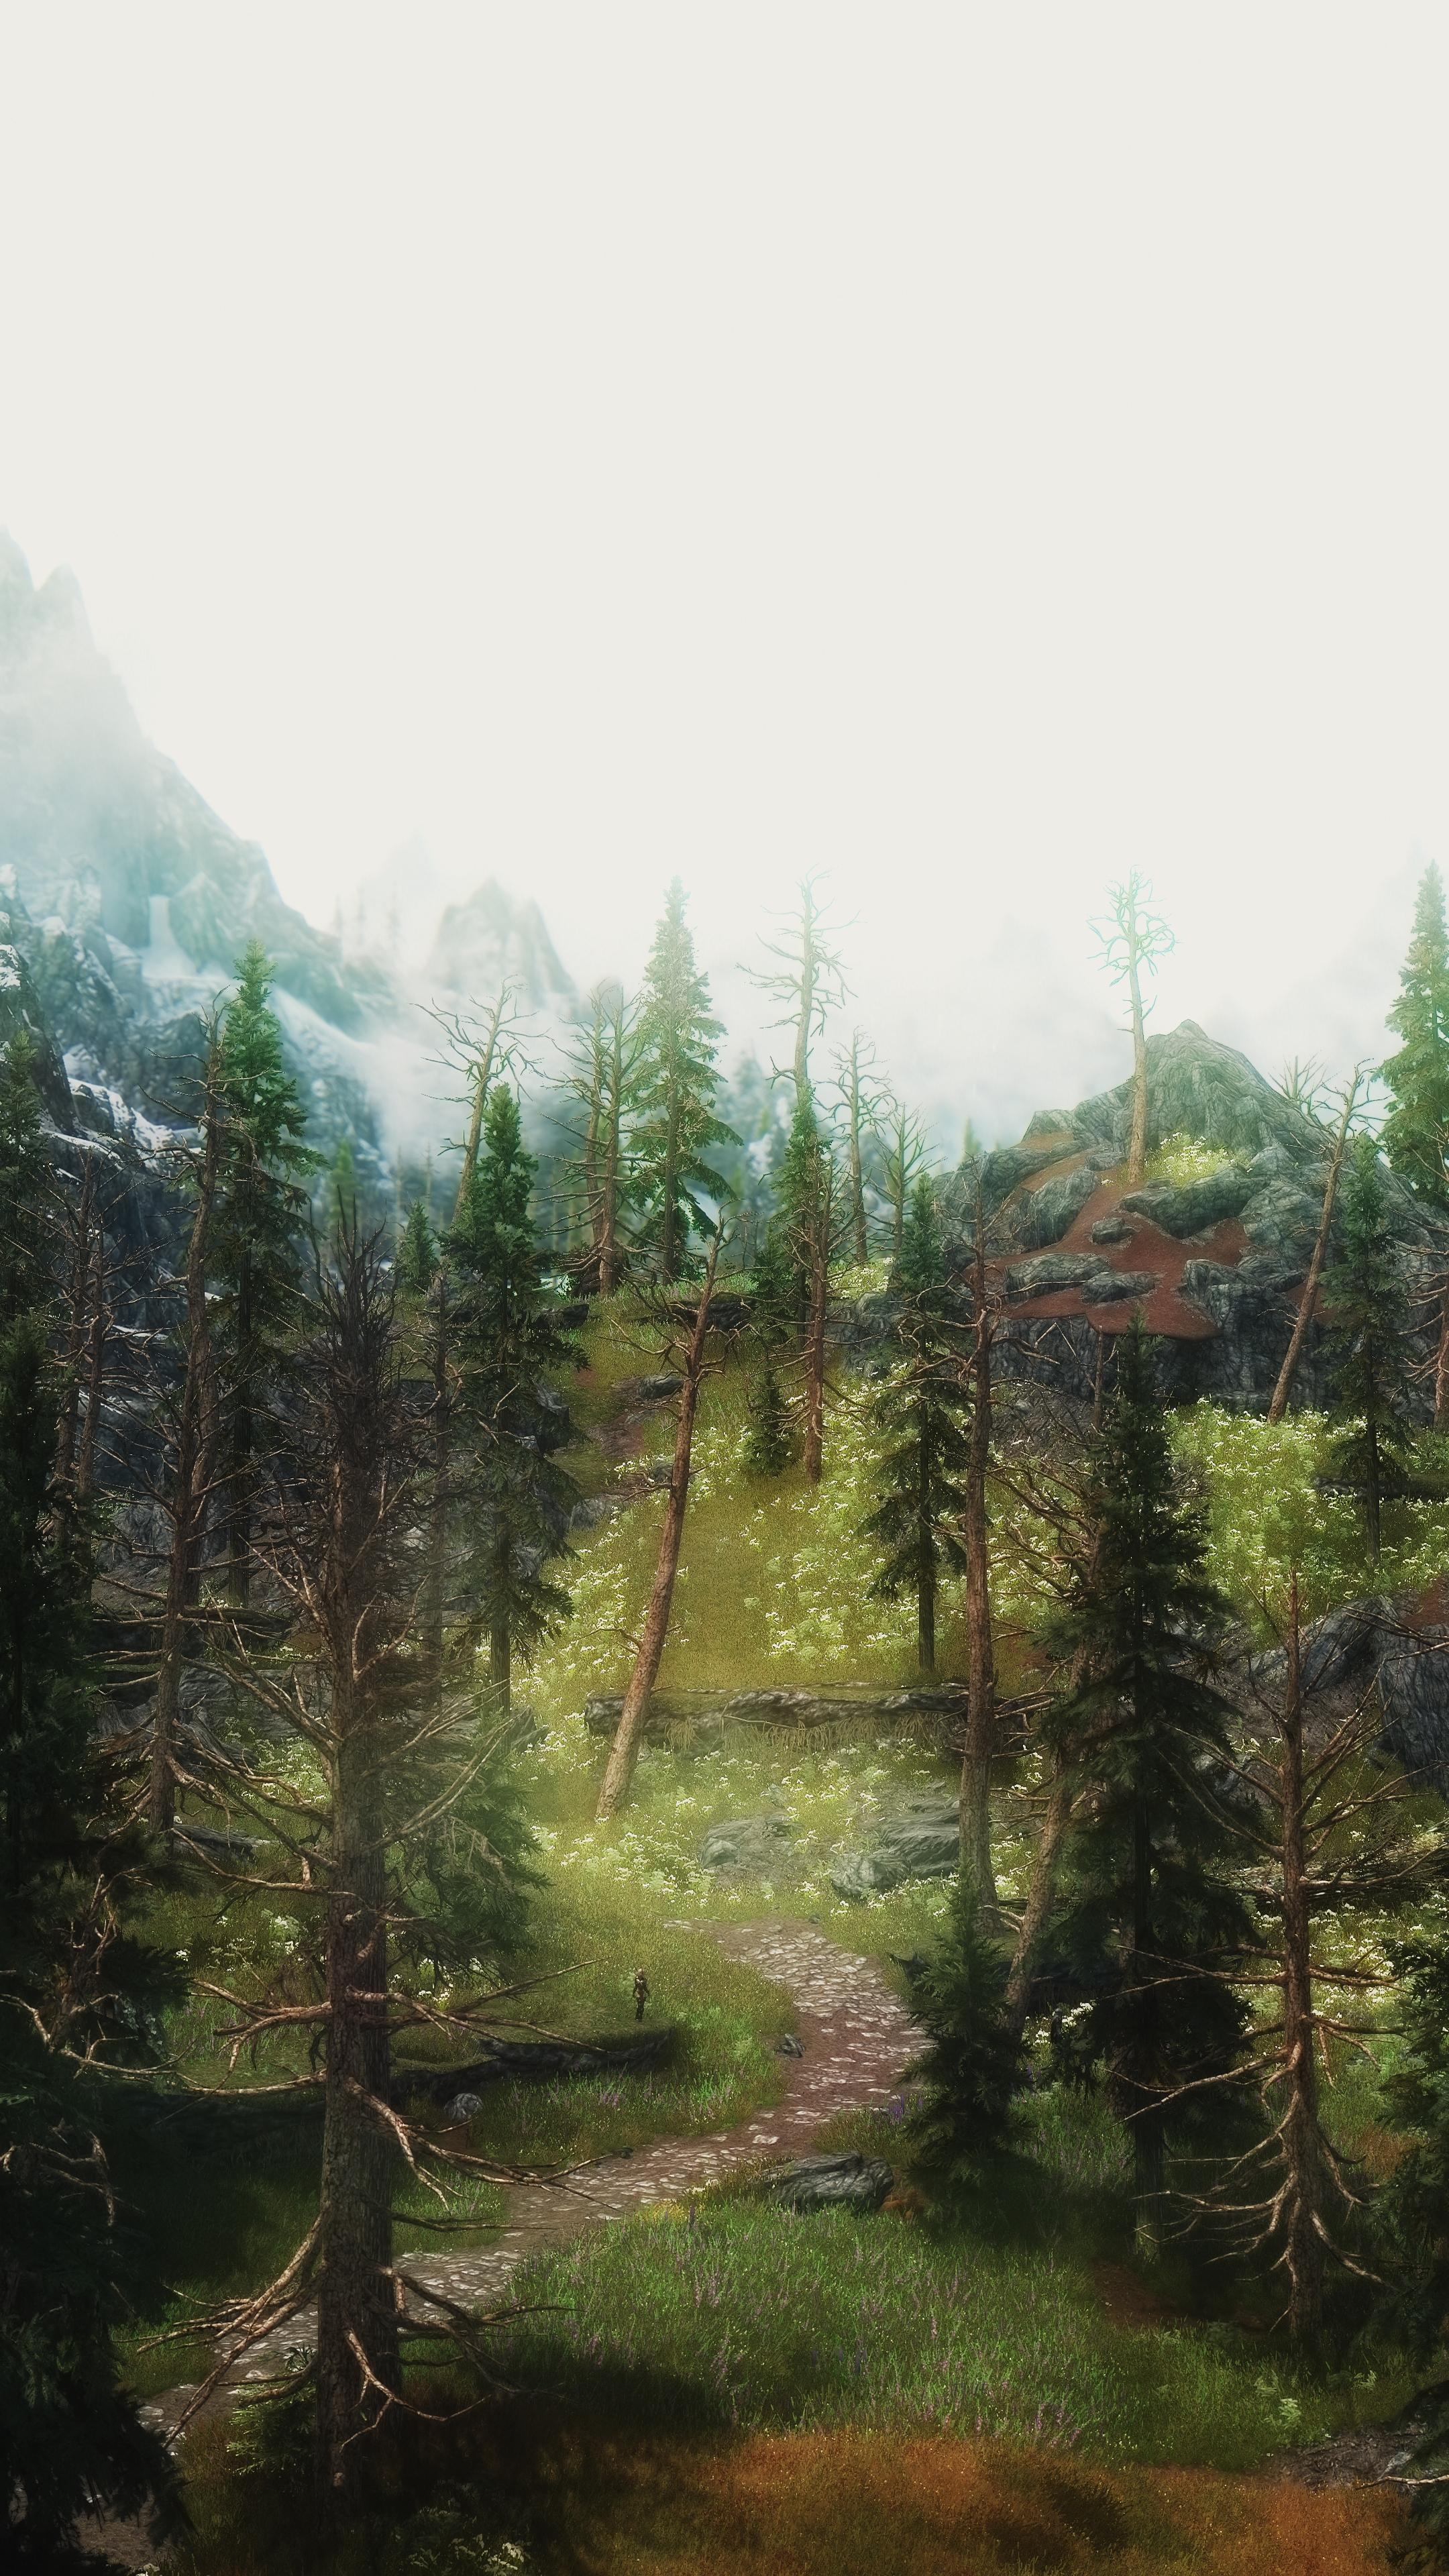 Skyrim - The road to Riverwood. by kaldaar